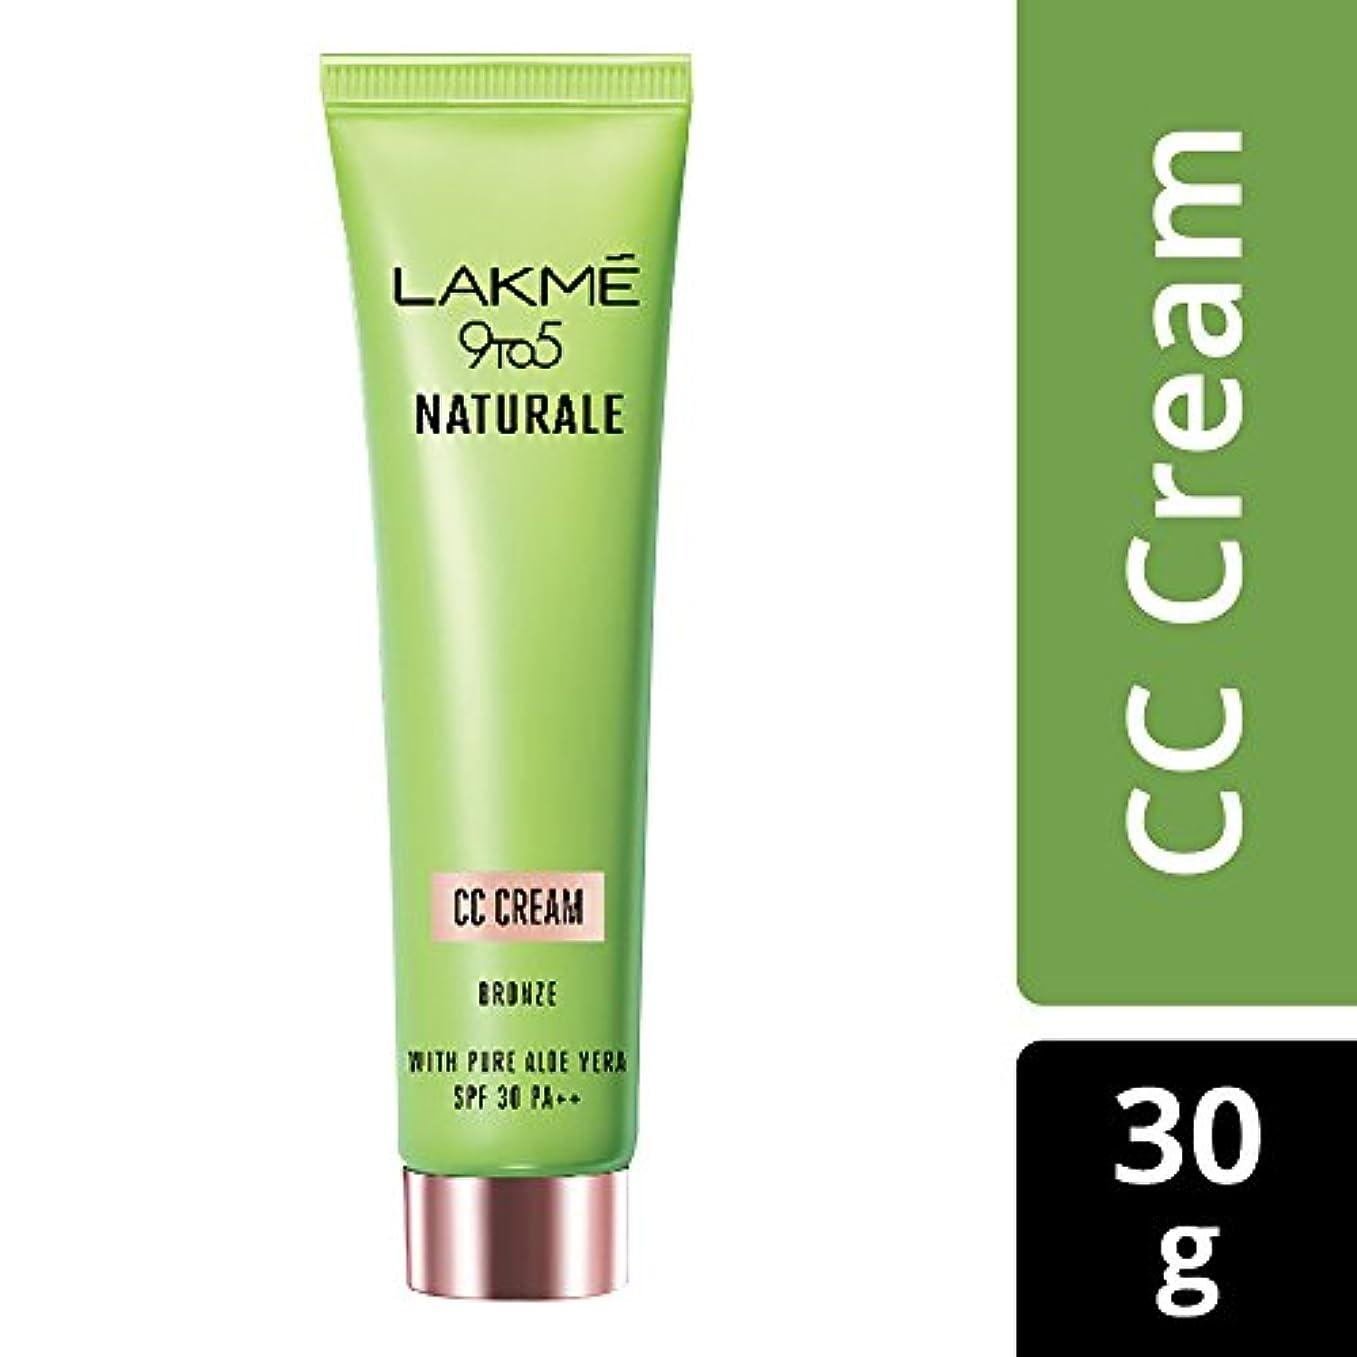 集中的なバリケード不変Lakme 9 to 5 Naturale CC Cream, Bronze, 30g